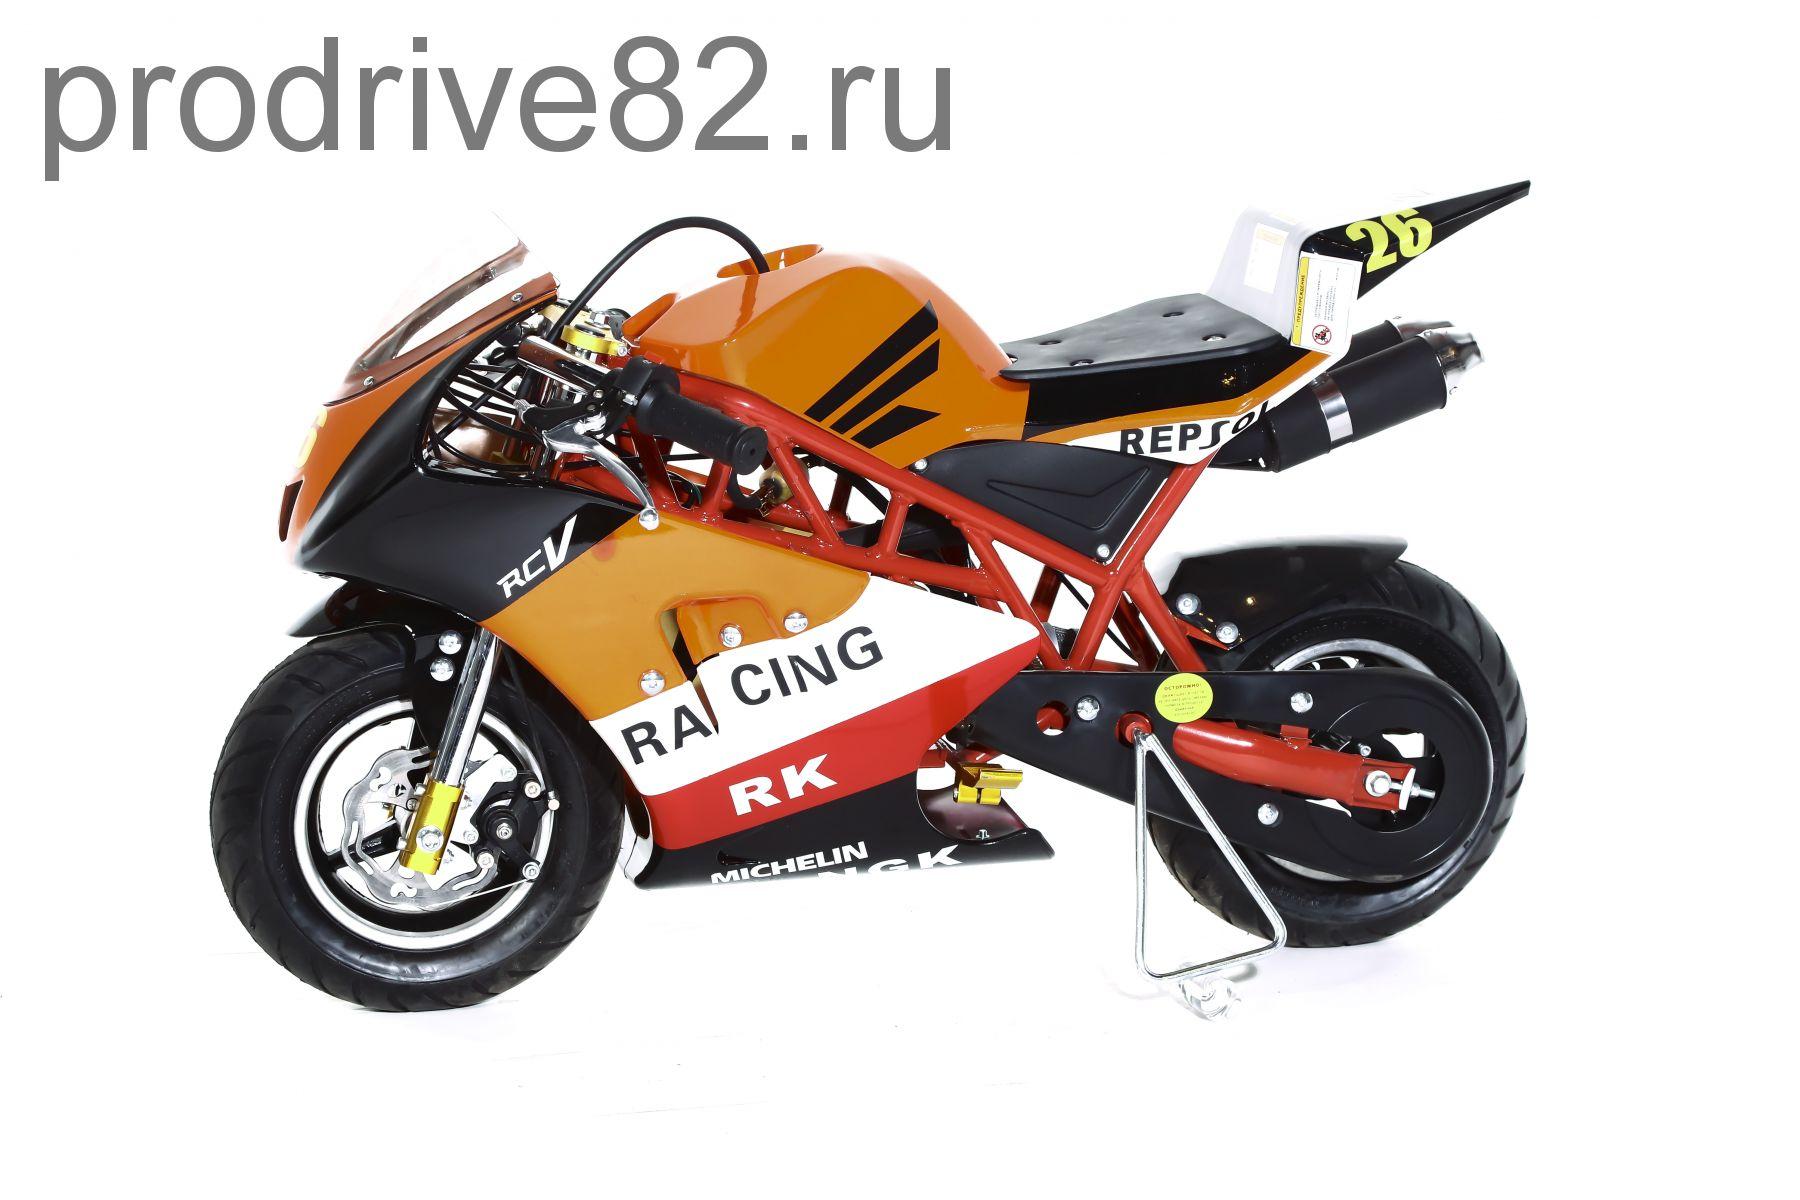 Мини мото MOTAX 50сс в стиле Ducatti